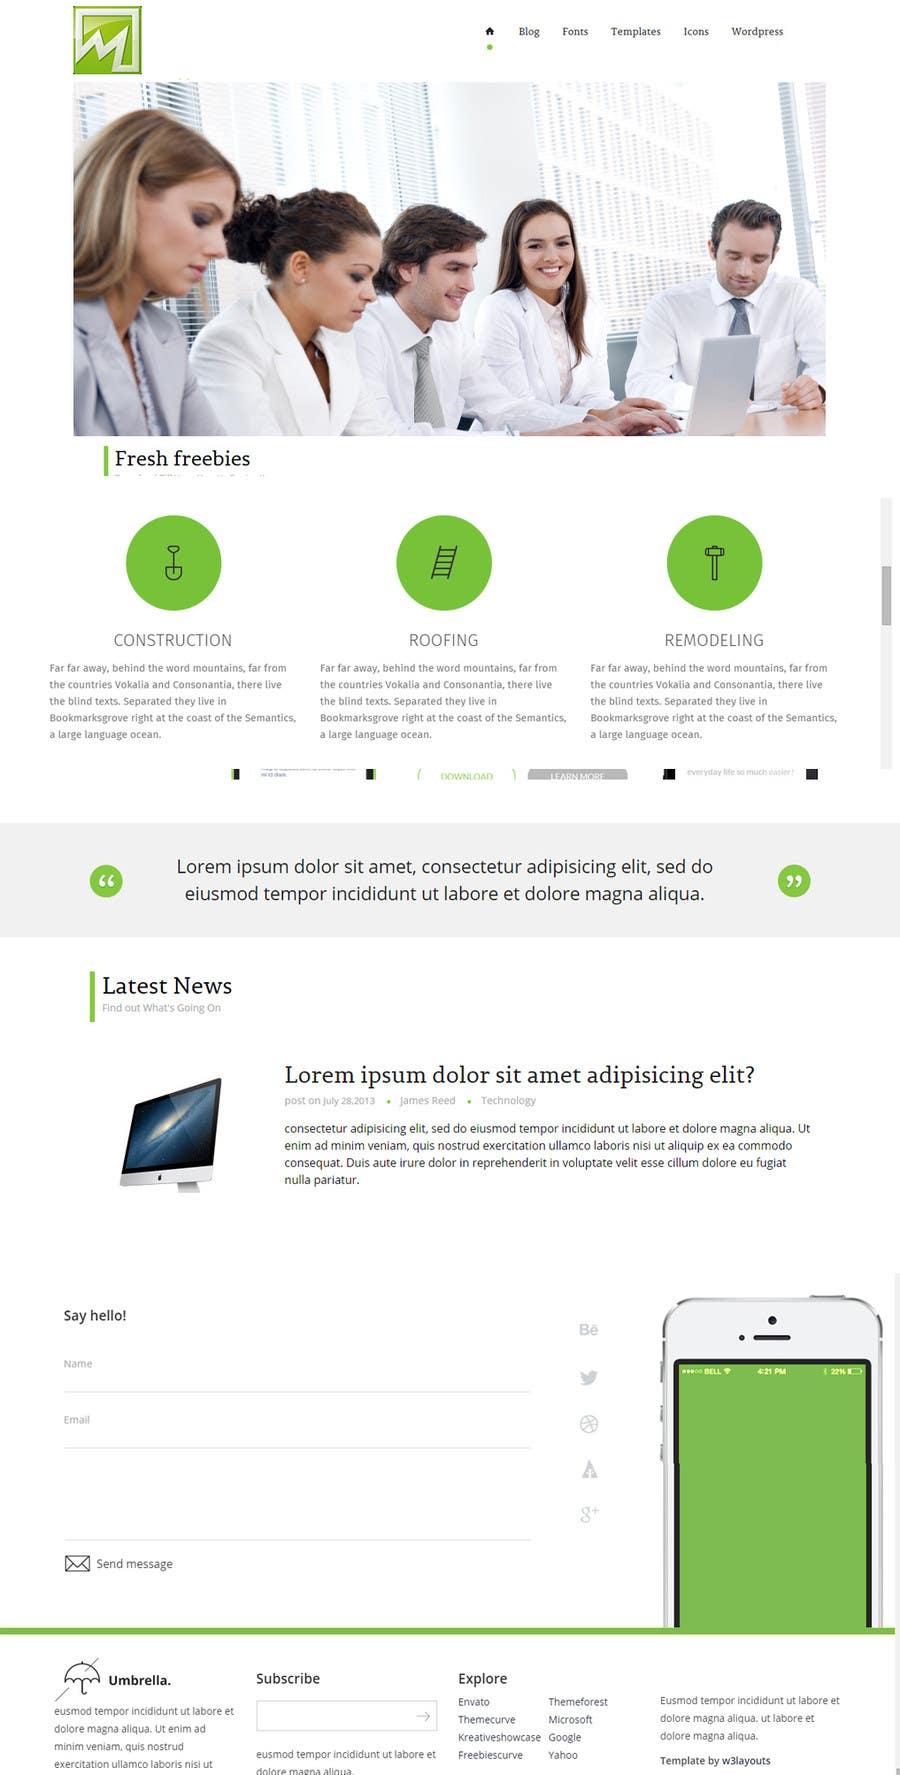 Konkurrenceindlæg #                                        21                                      for                                         Design a Website Mockup for http://makers.dk